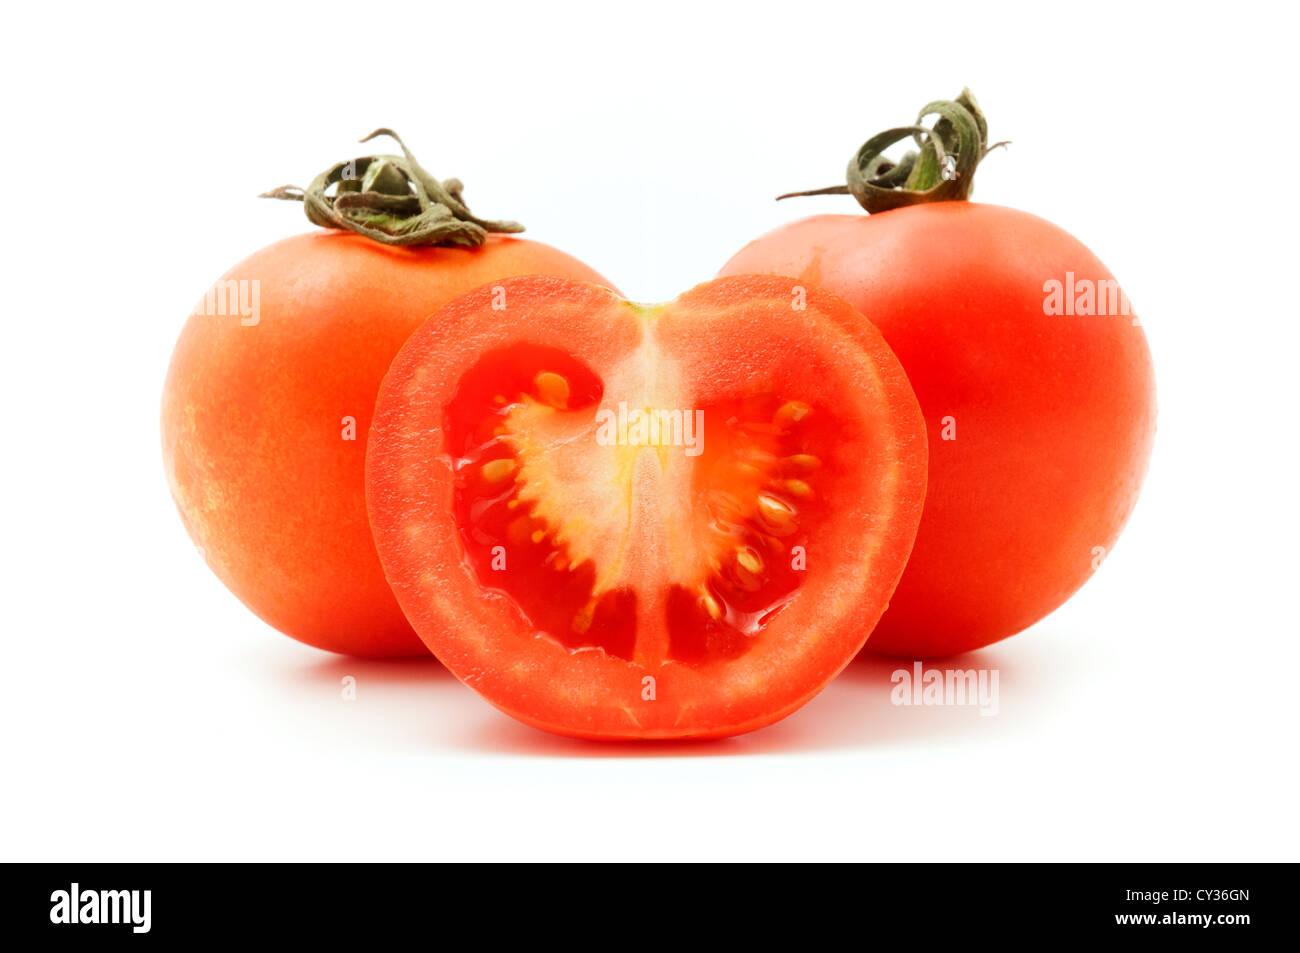 Los tomates sobre un fondo blanco. Imagen De Stock